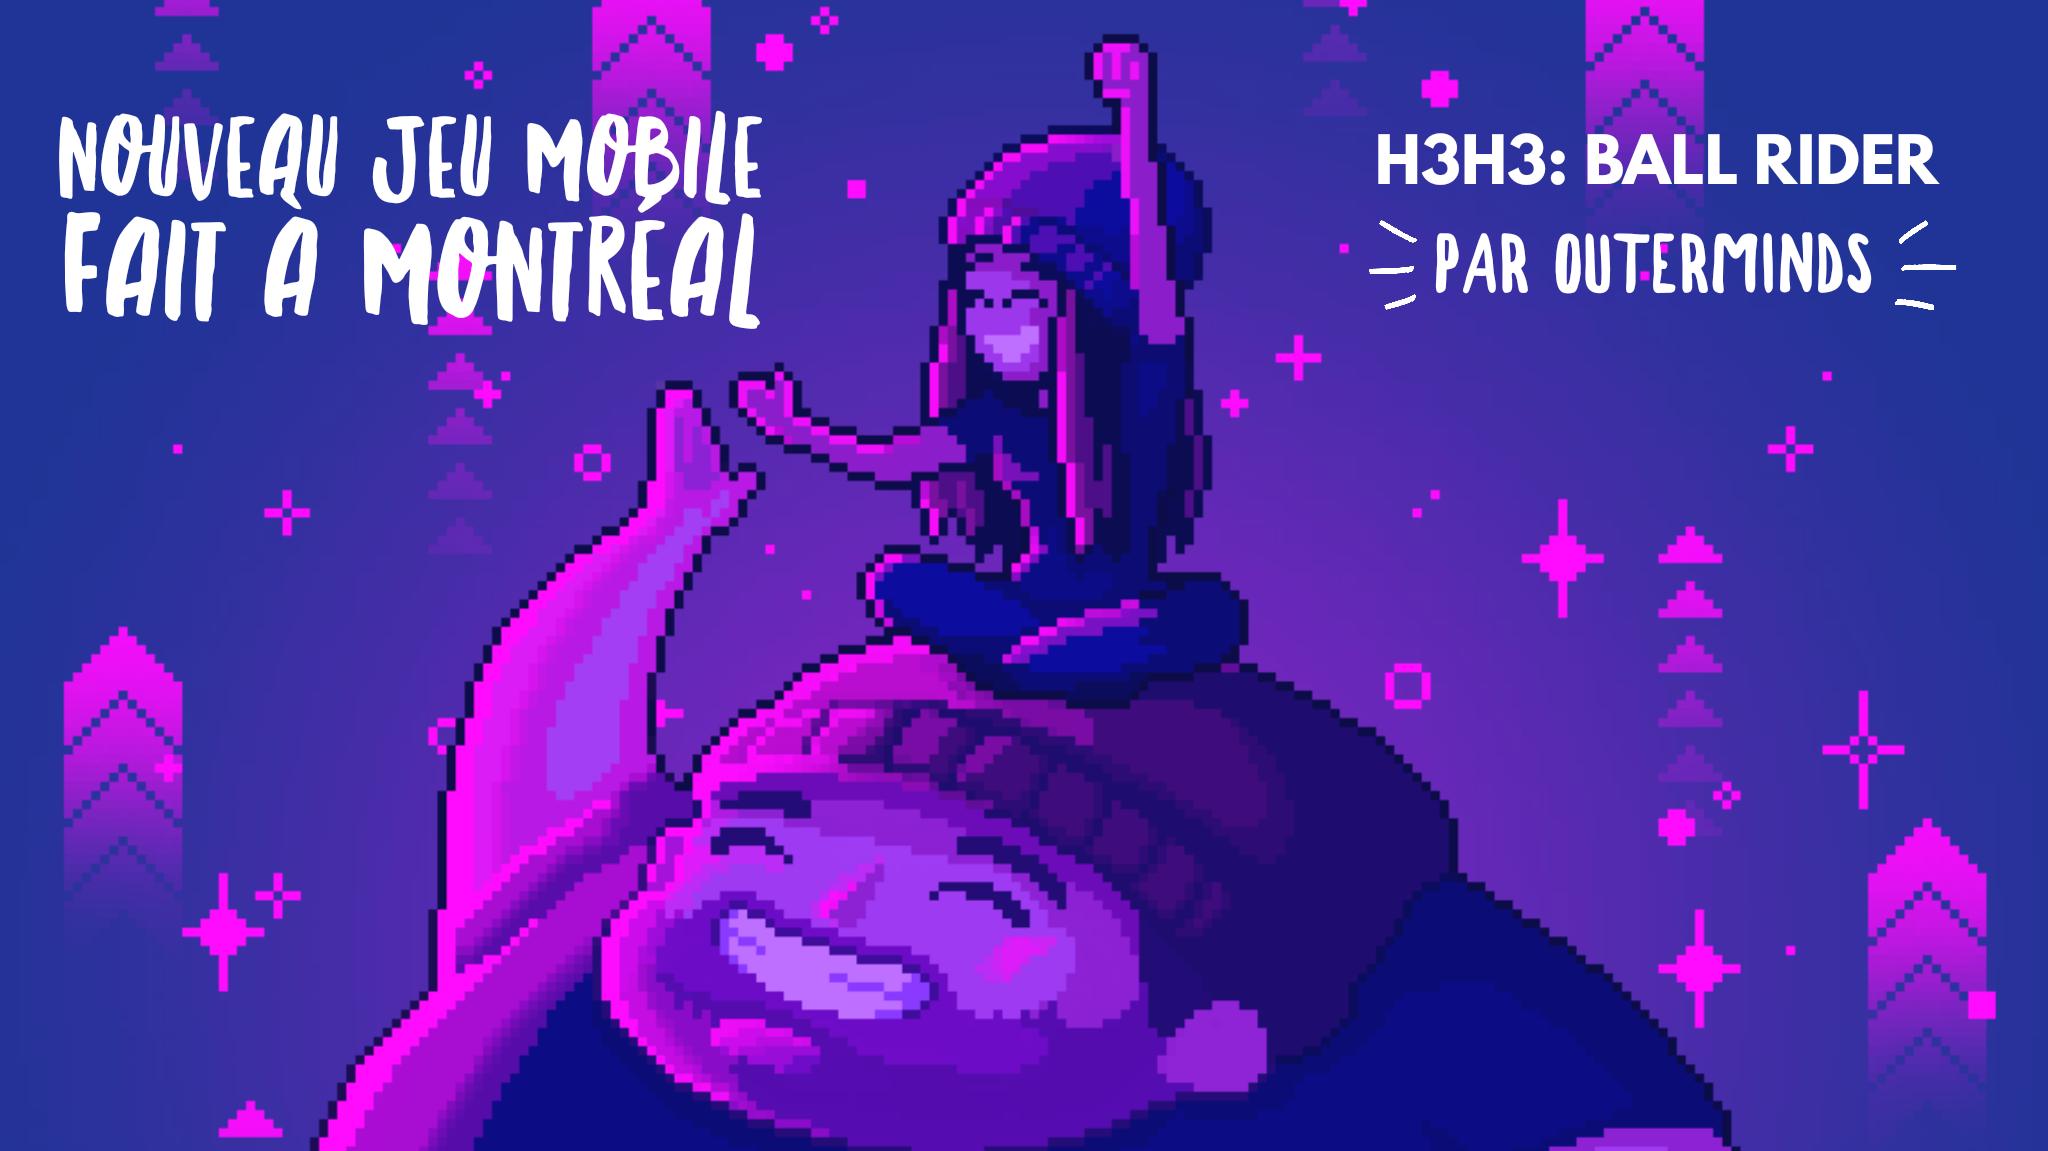 Nouveau jeu mobile fait à Montréal H3H3 Ball Rider par Outerminds